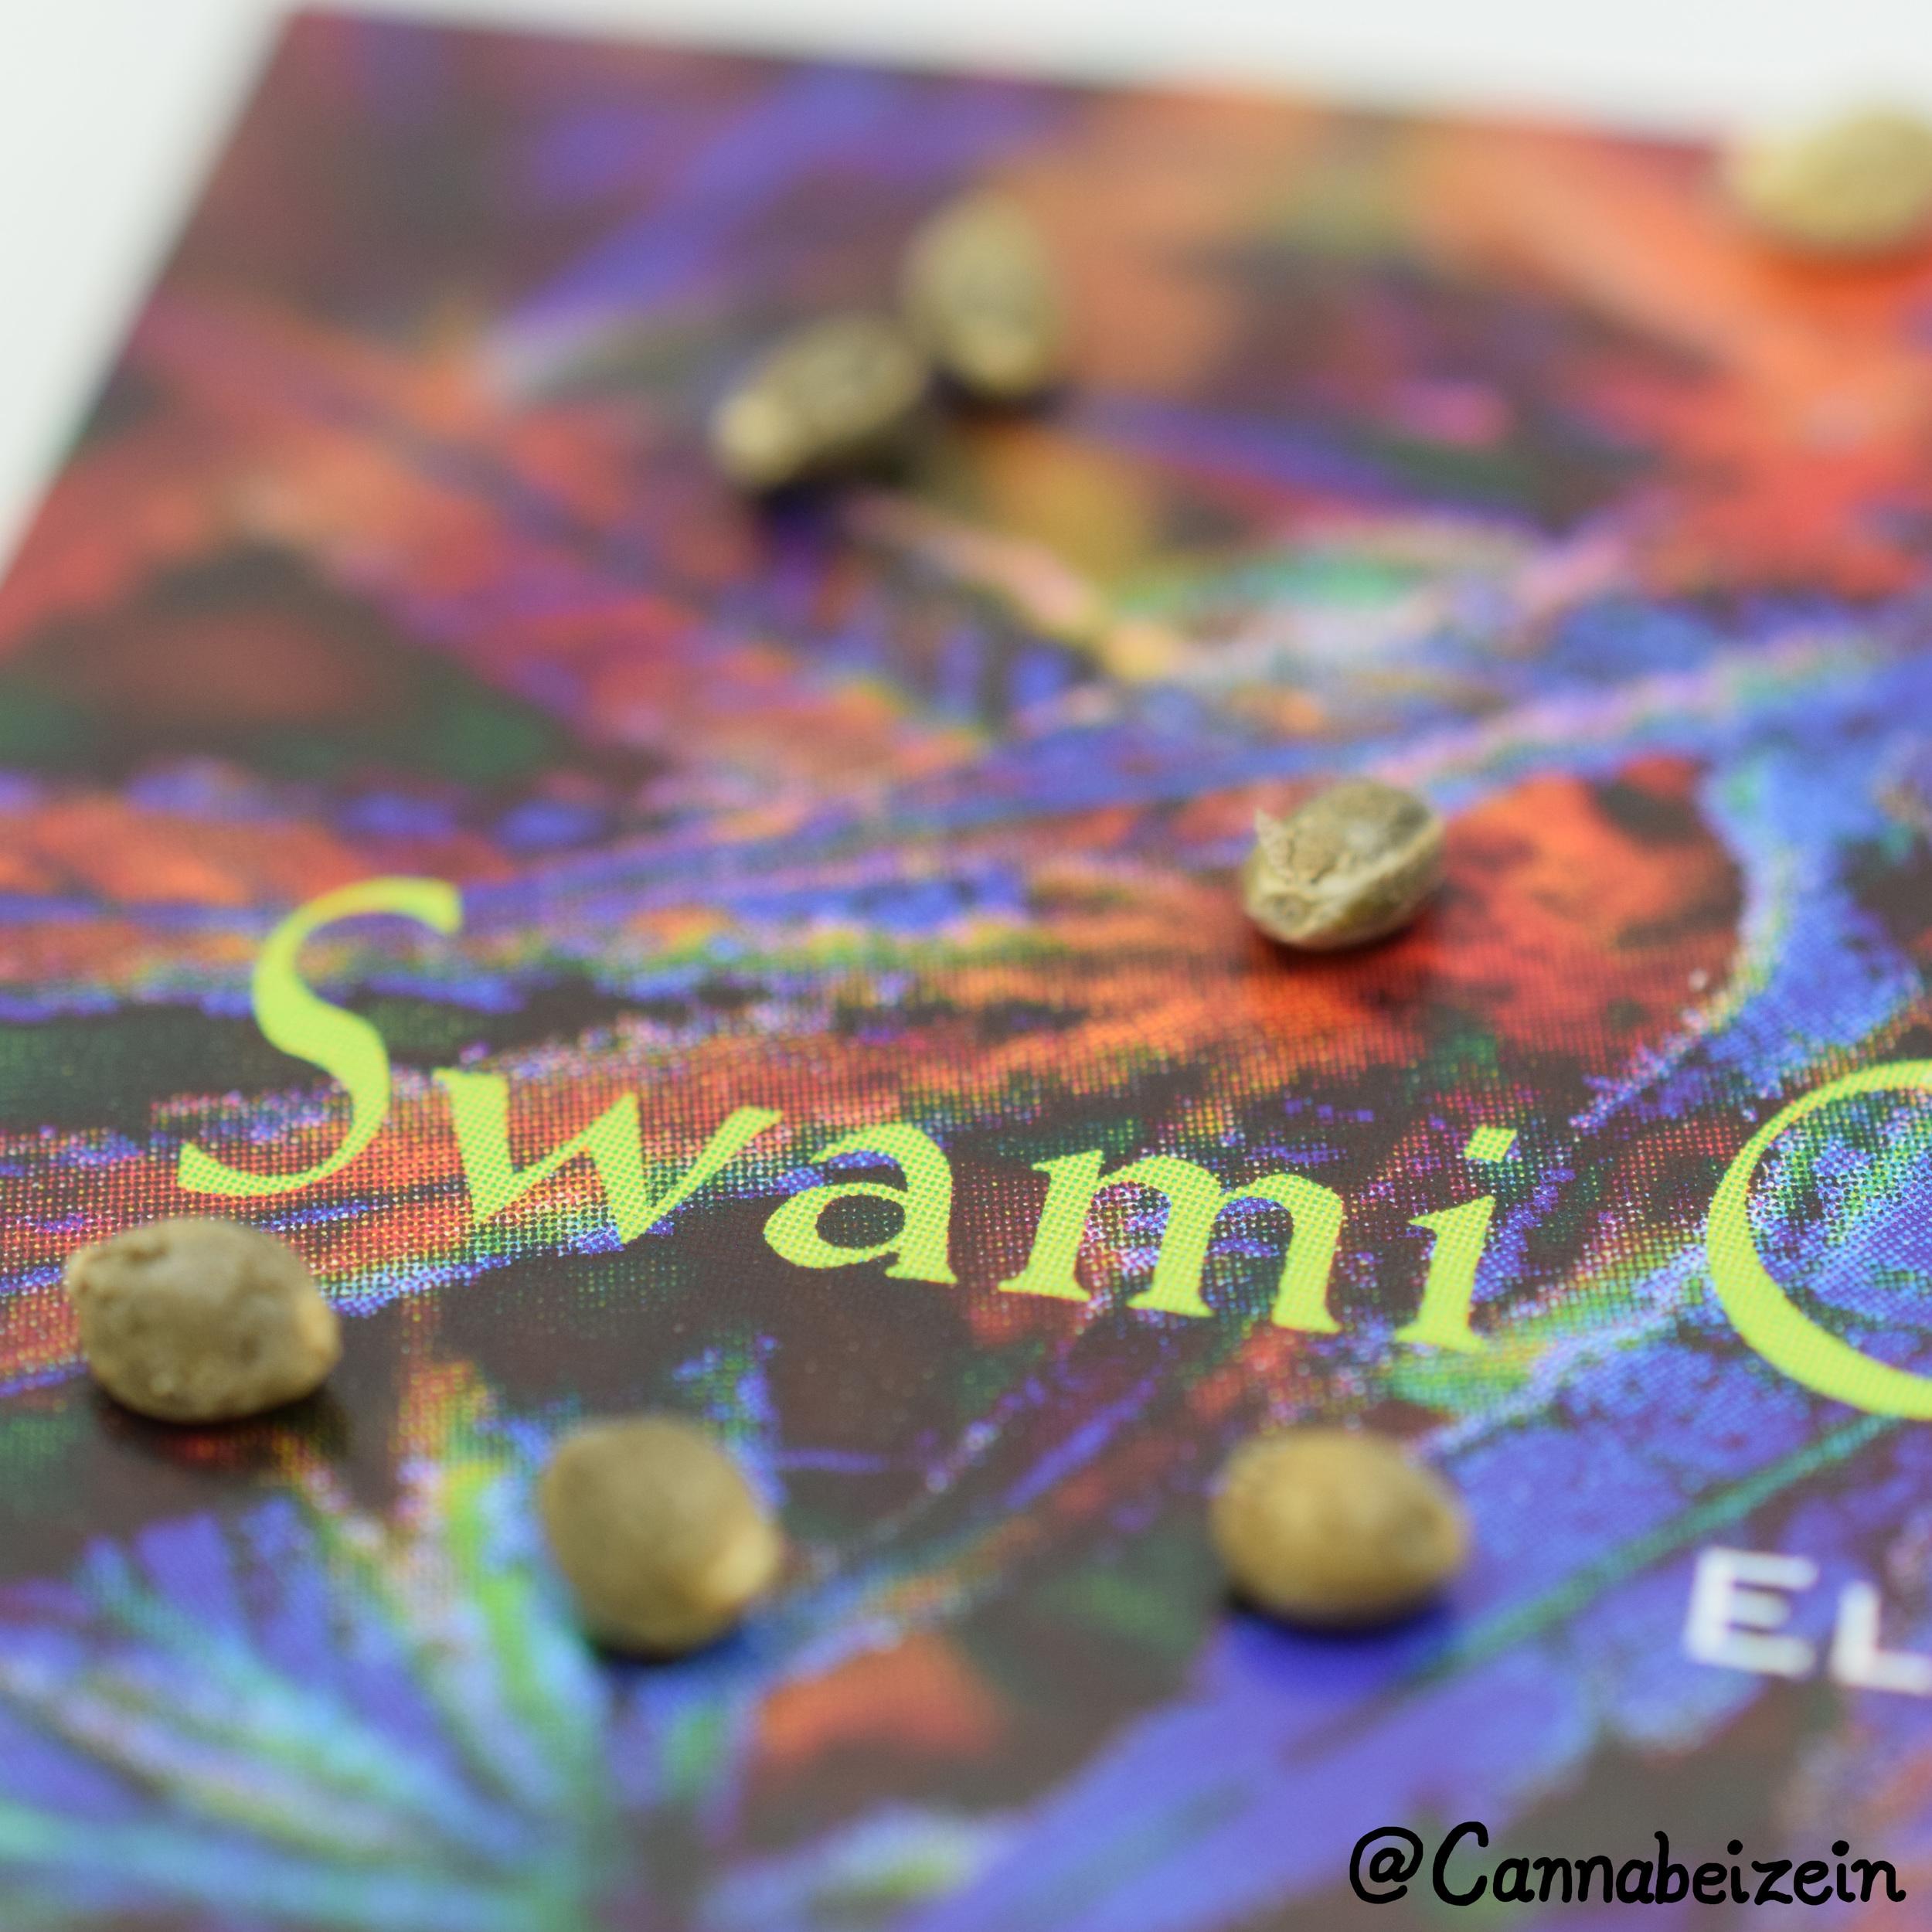 Cannabeizein 0203 - Swami Seeds - DSC_0197 copy.jpg